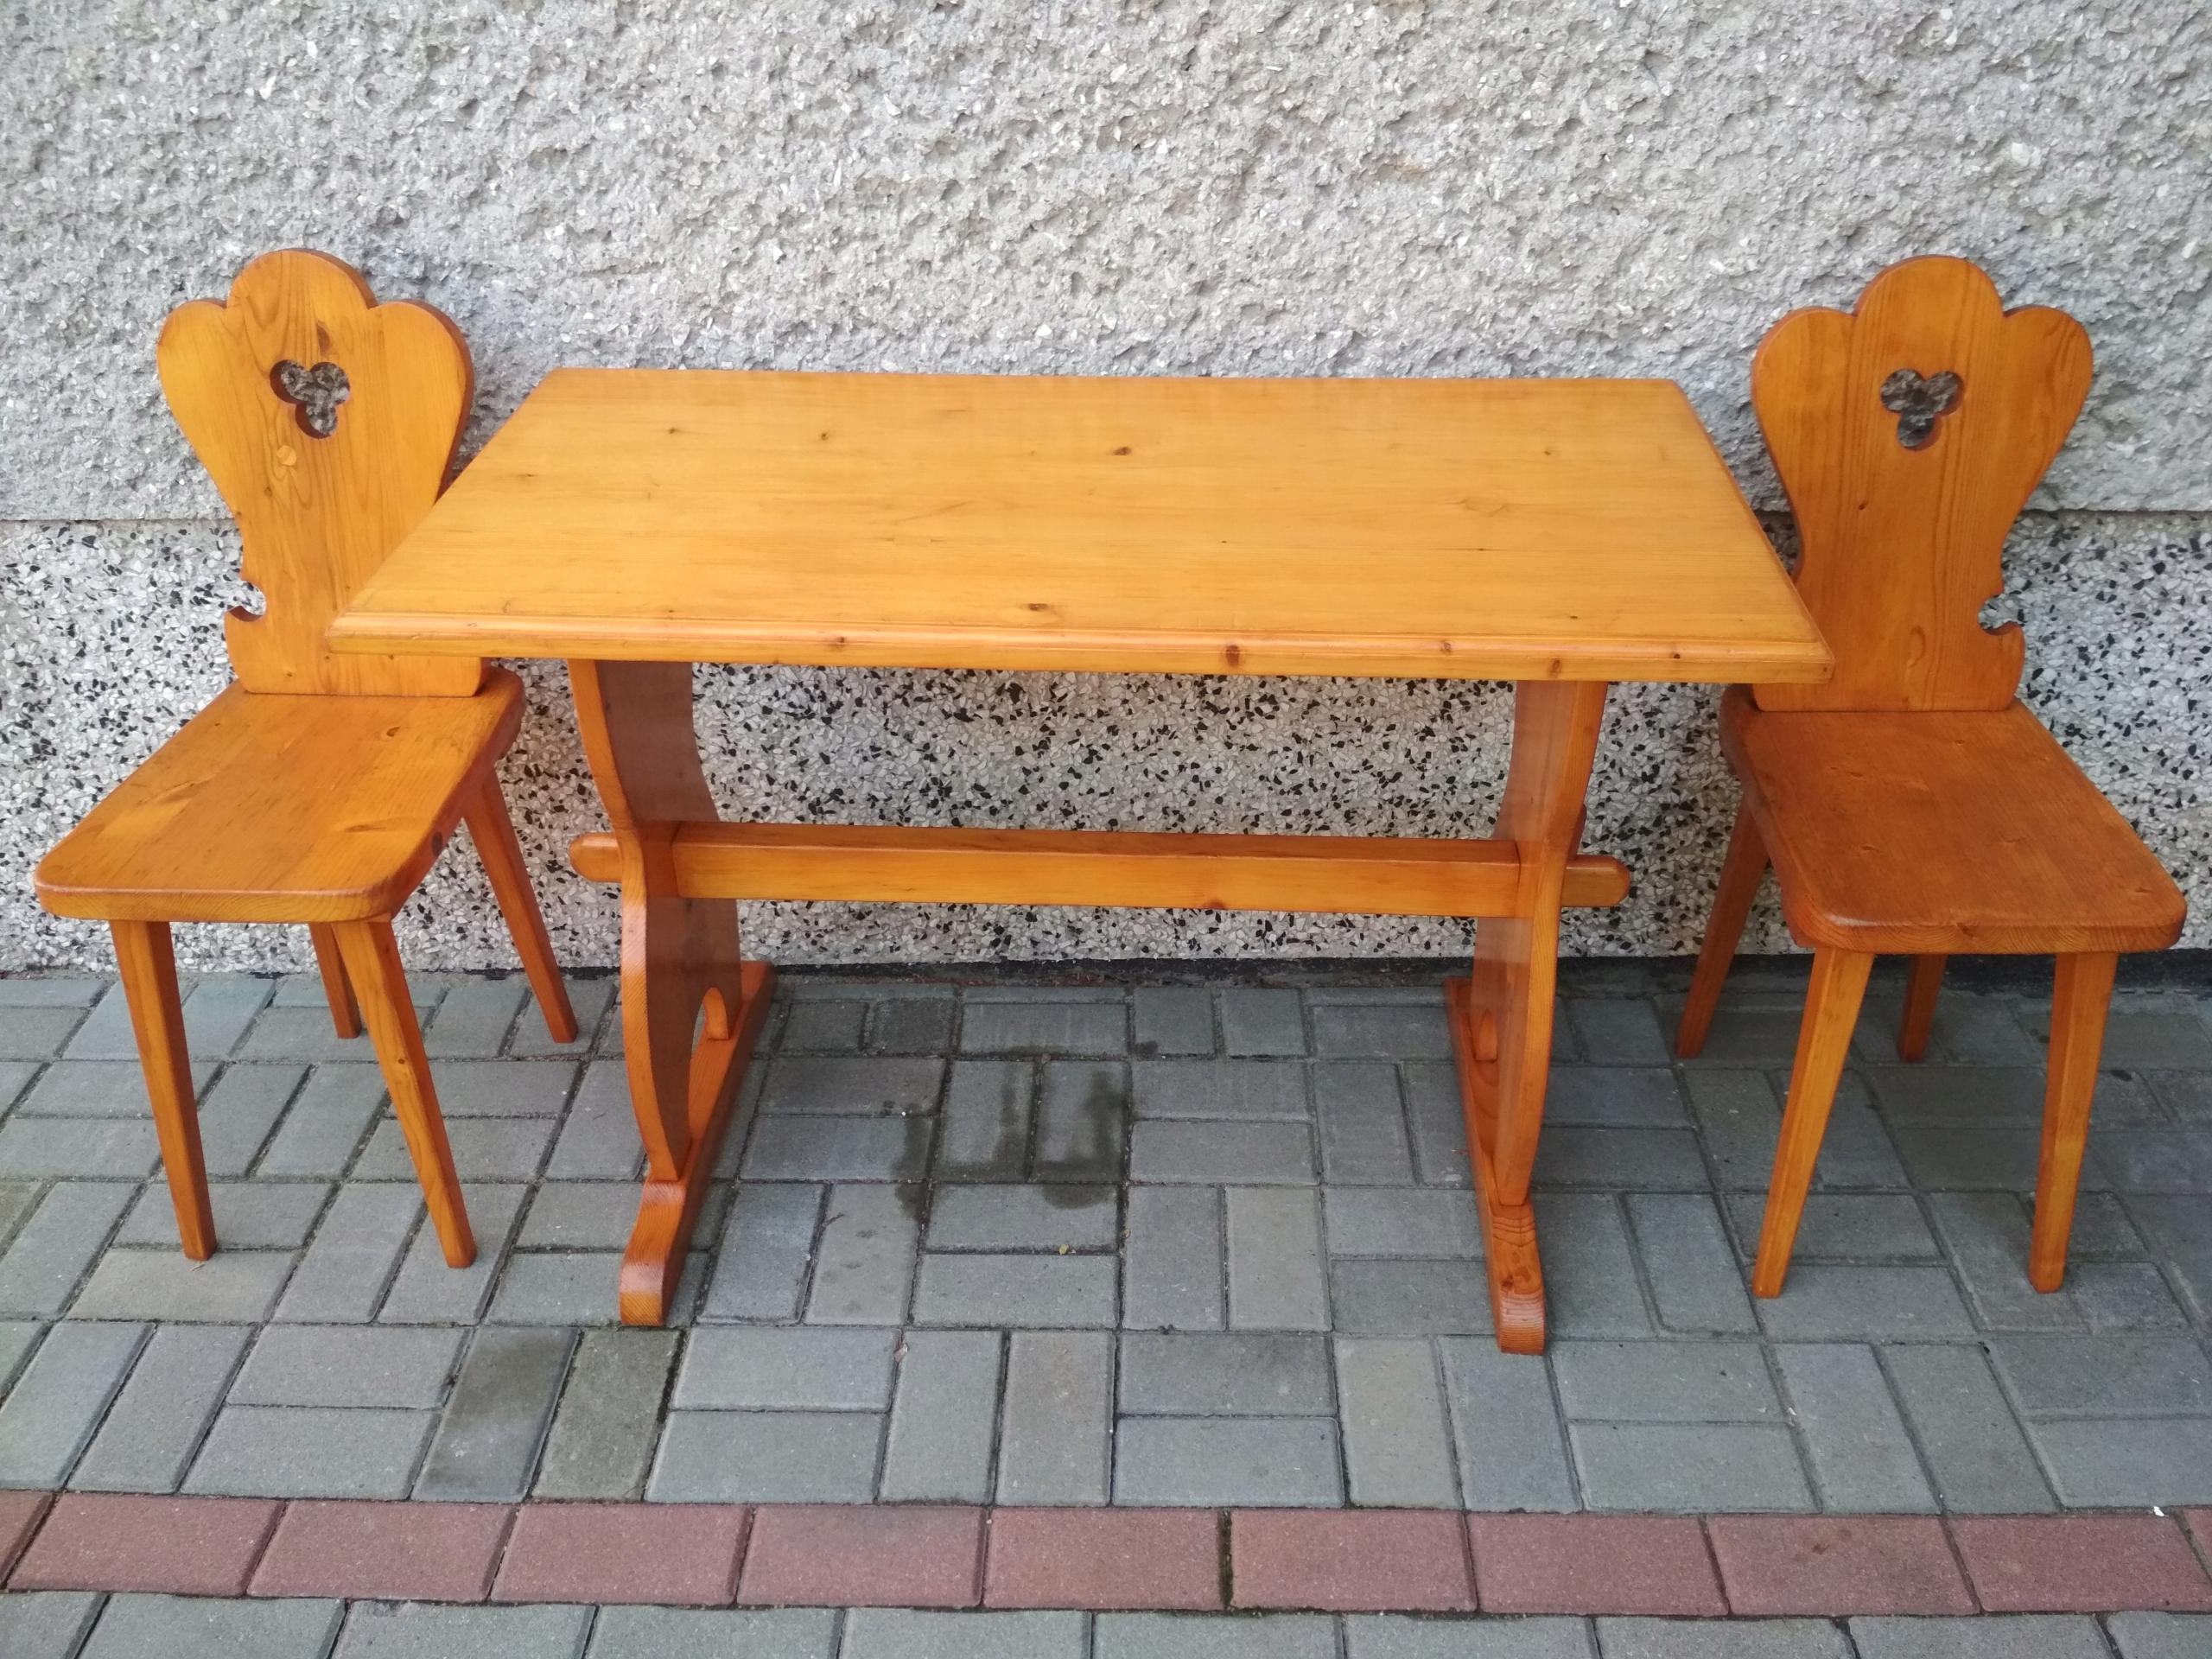 Ogromnie Ława stół góralski + stołki krzesła zydle - 7685157234 - oficjalne WT68